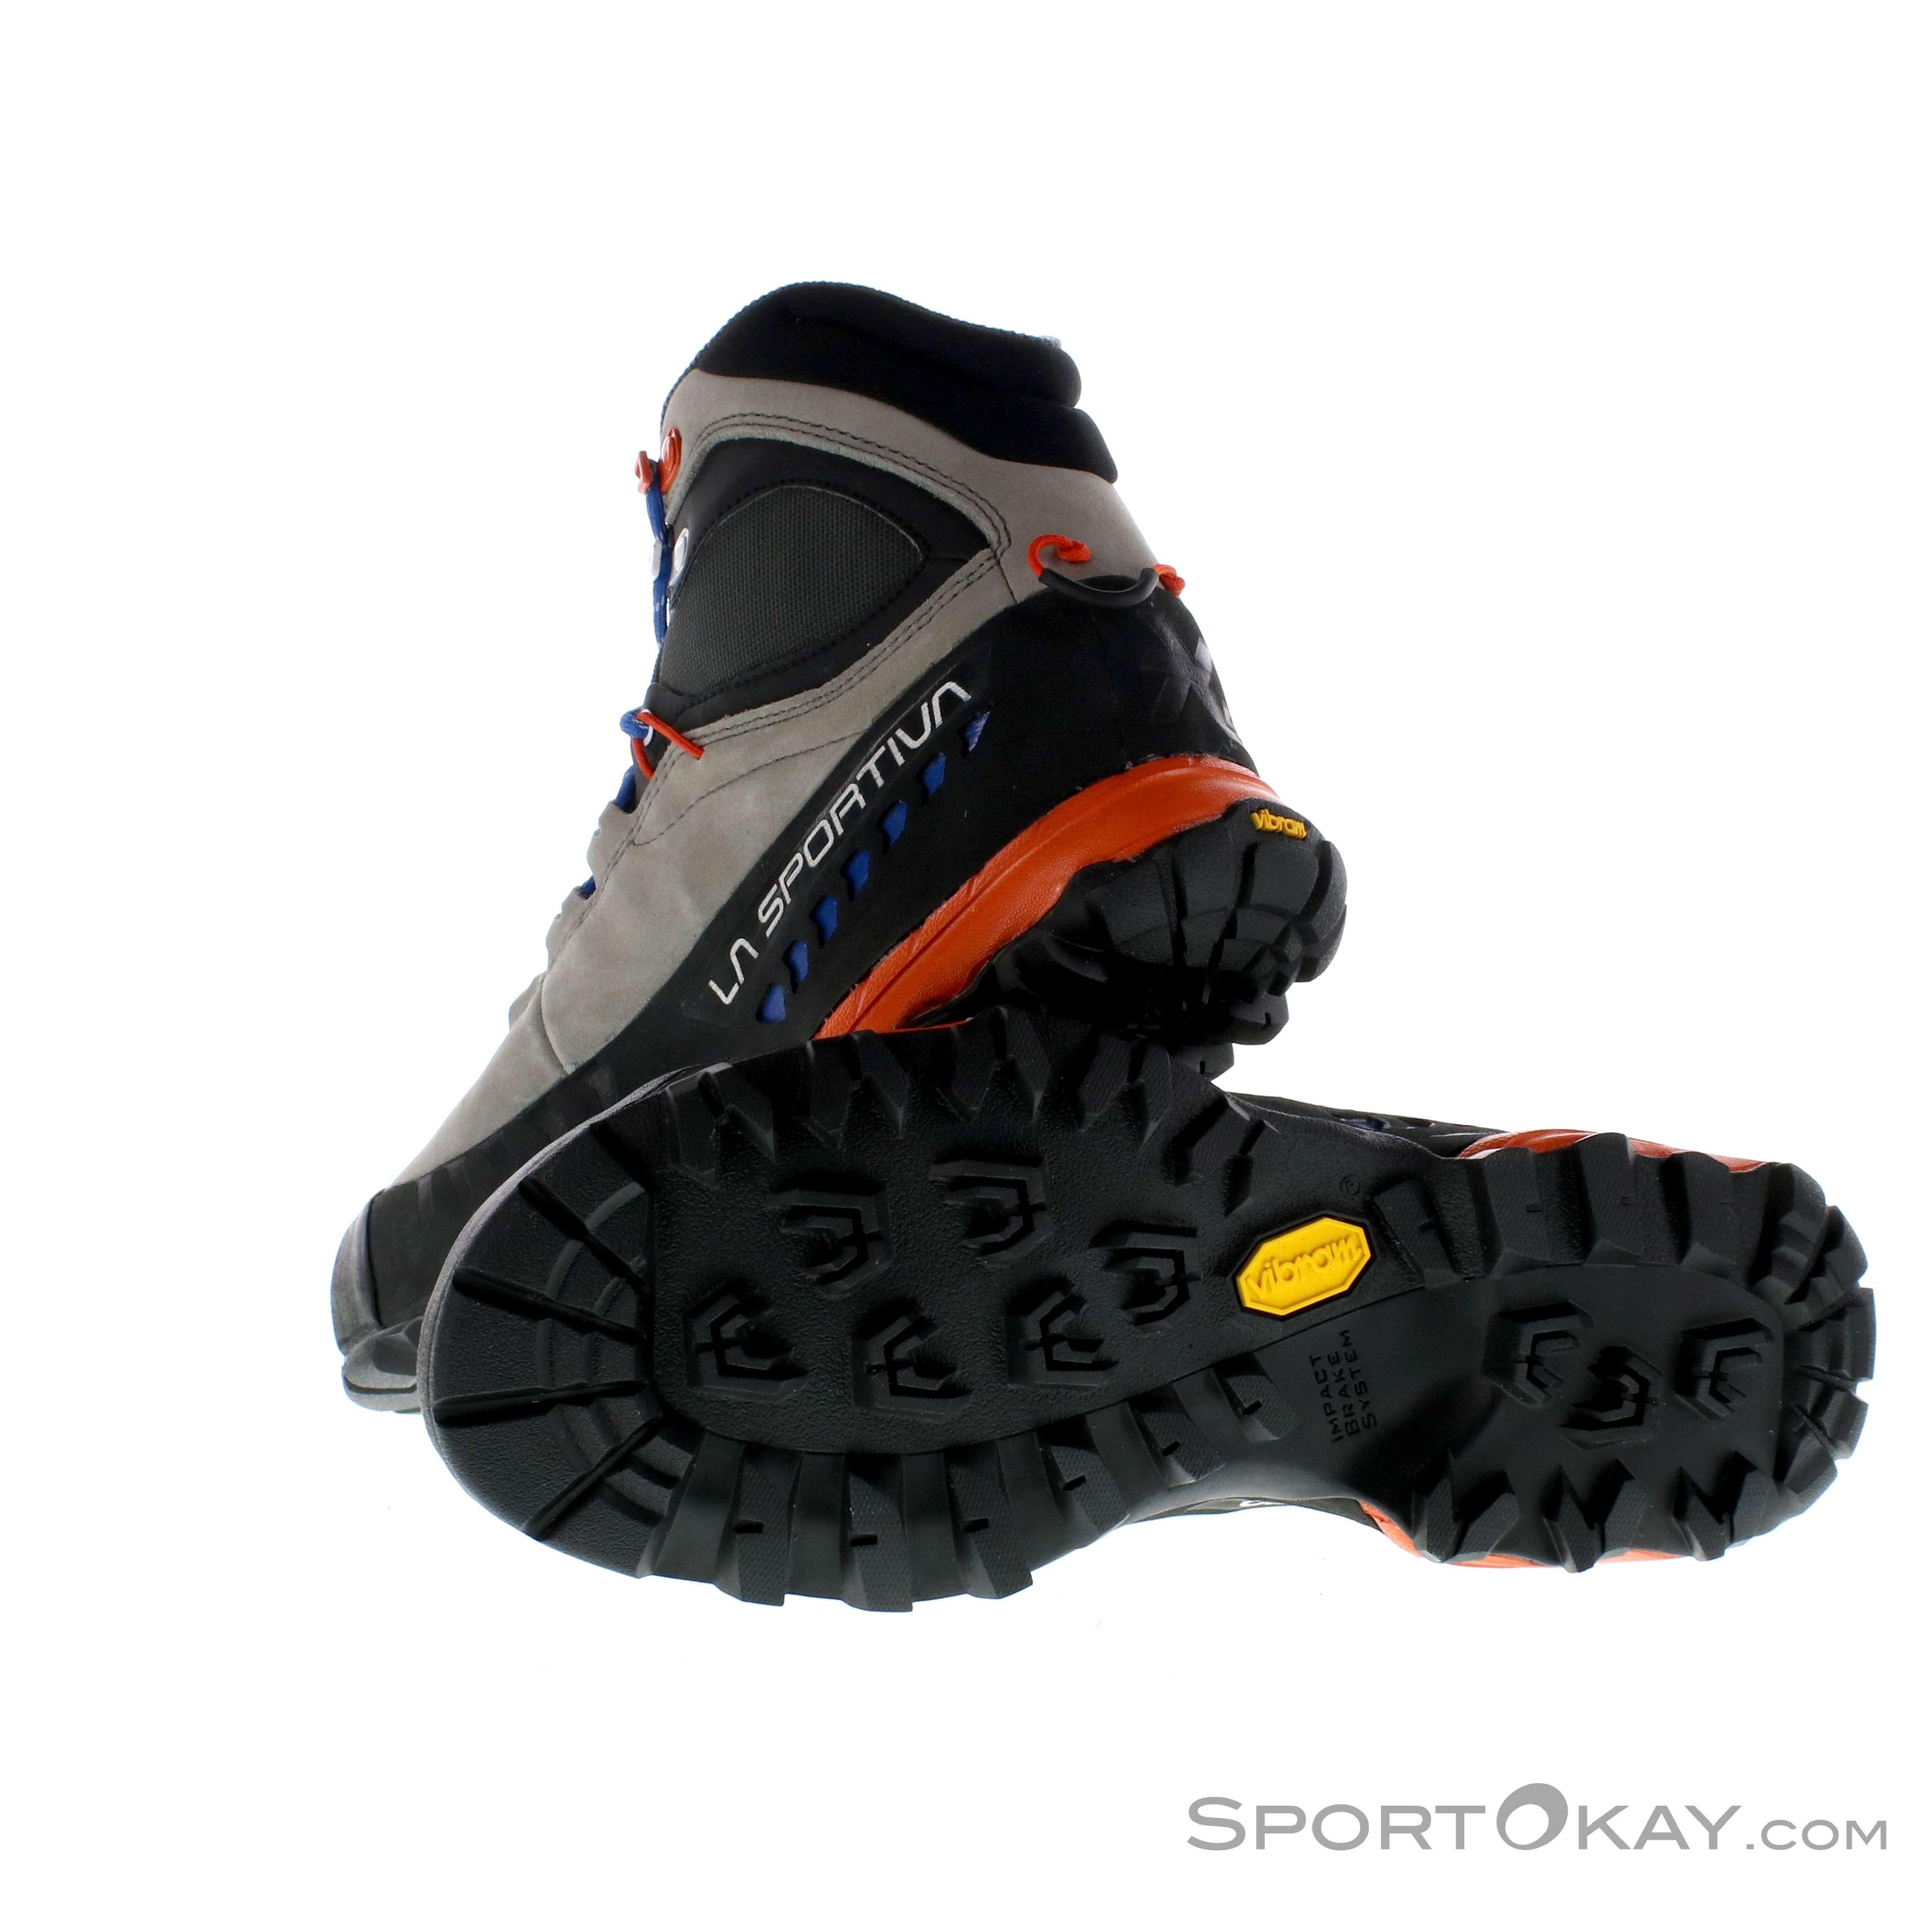 promo code 7742e 089da La Sportiva La Sportiva TX 5 GTX Donna Scarpe da Trekking Gore-Tex